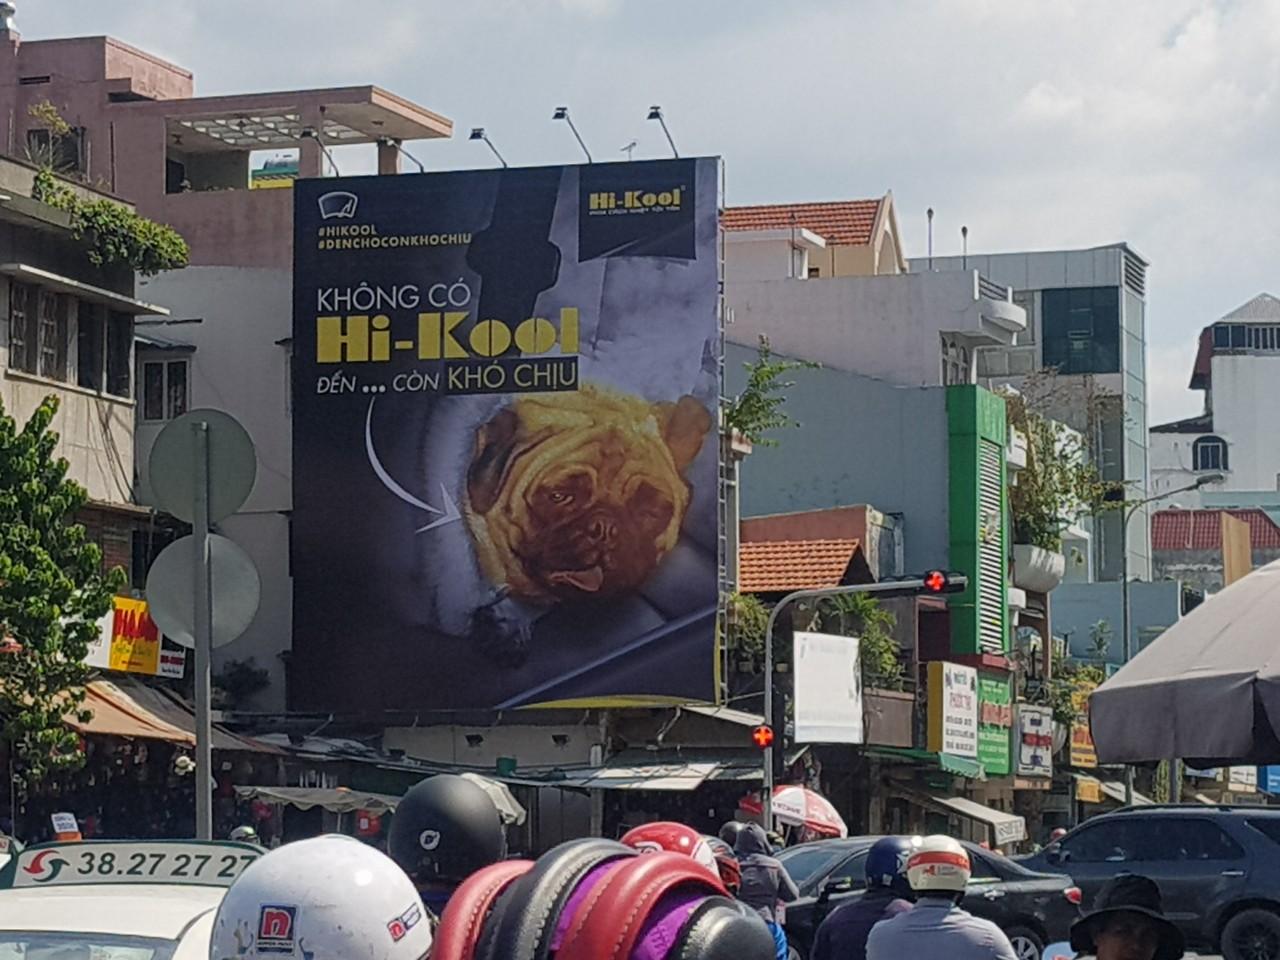 """Chiến dịch quảng bá """"chất như nước cất"""" của Hi-kool - Ảnh 2."""